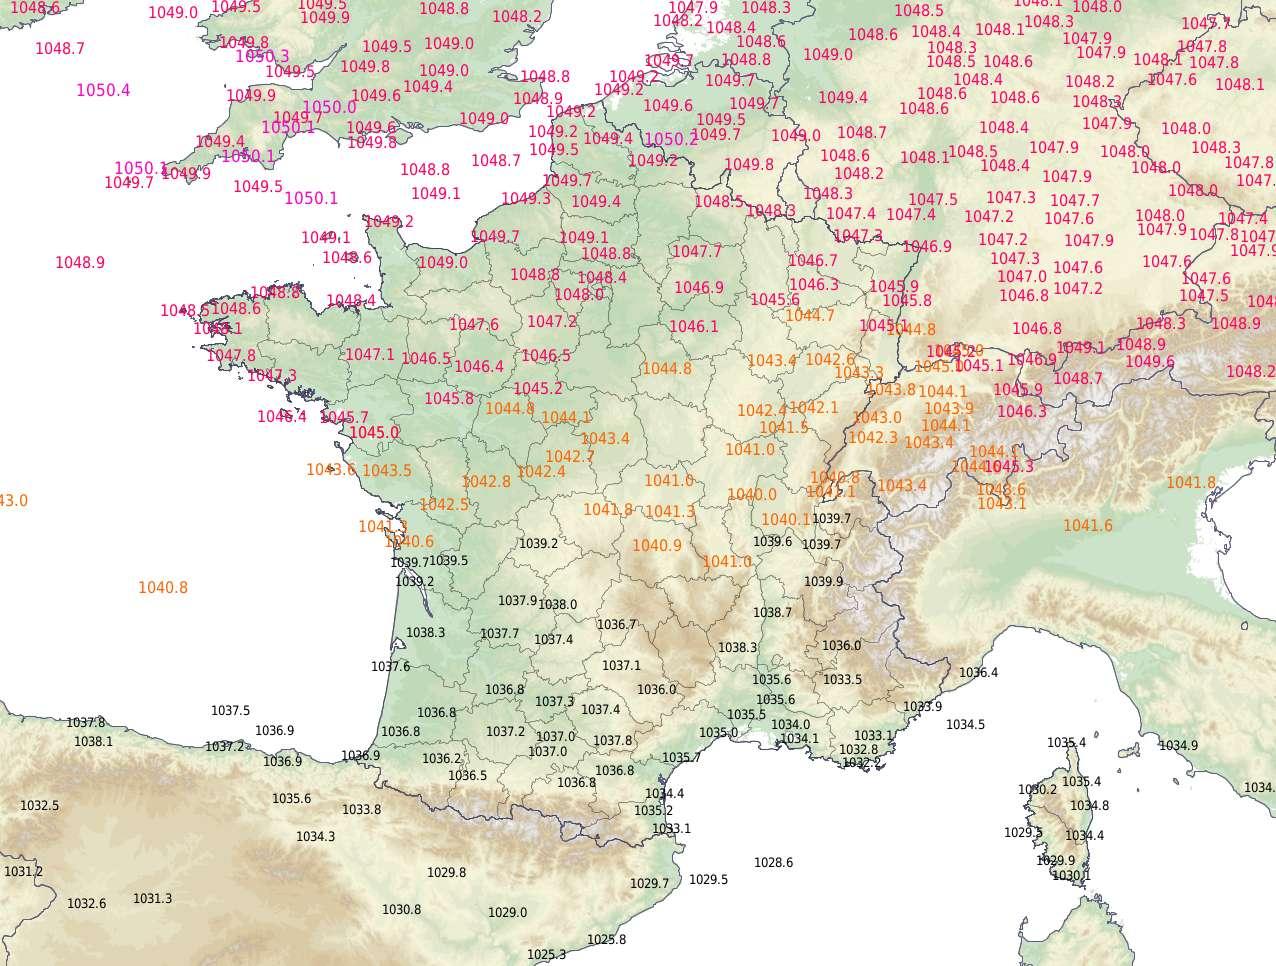 Pressions observées lundi 20 janvier 2020 à 11 h 30, heure à laquelle le record de 1049,7 hPa a été mesuré à Abbeville, dans la Somme. © Météo-France